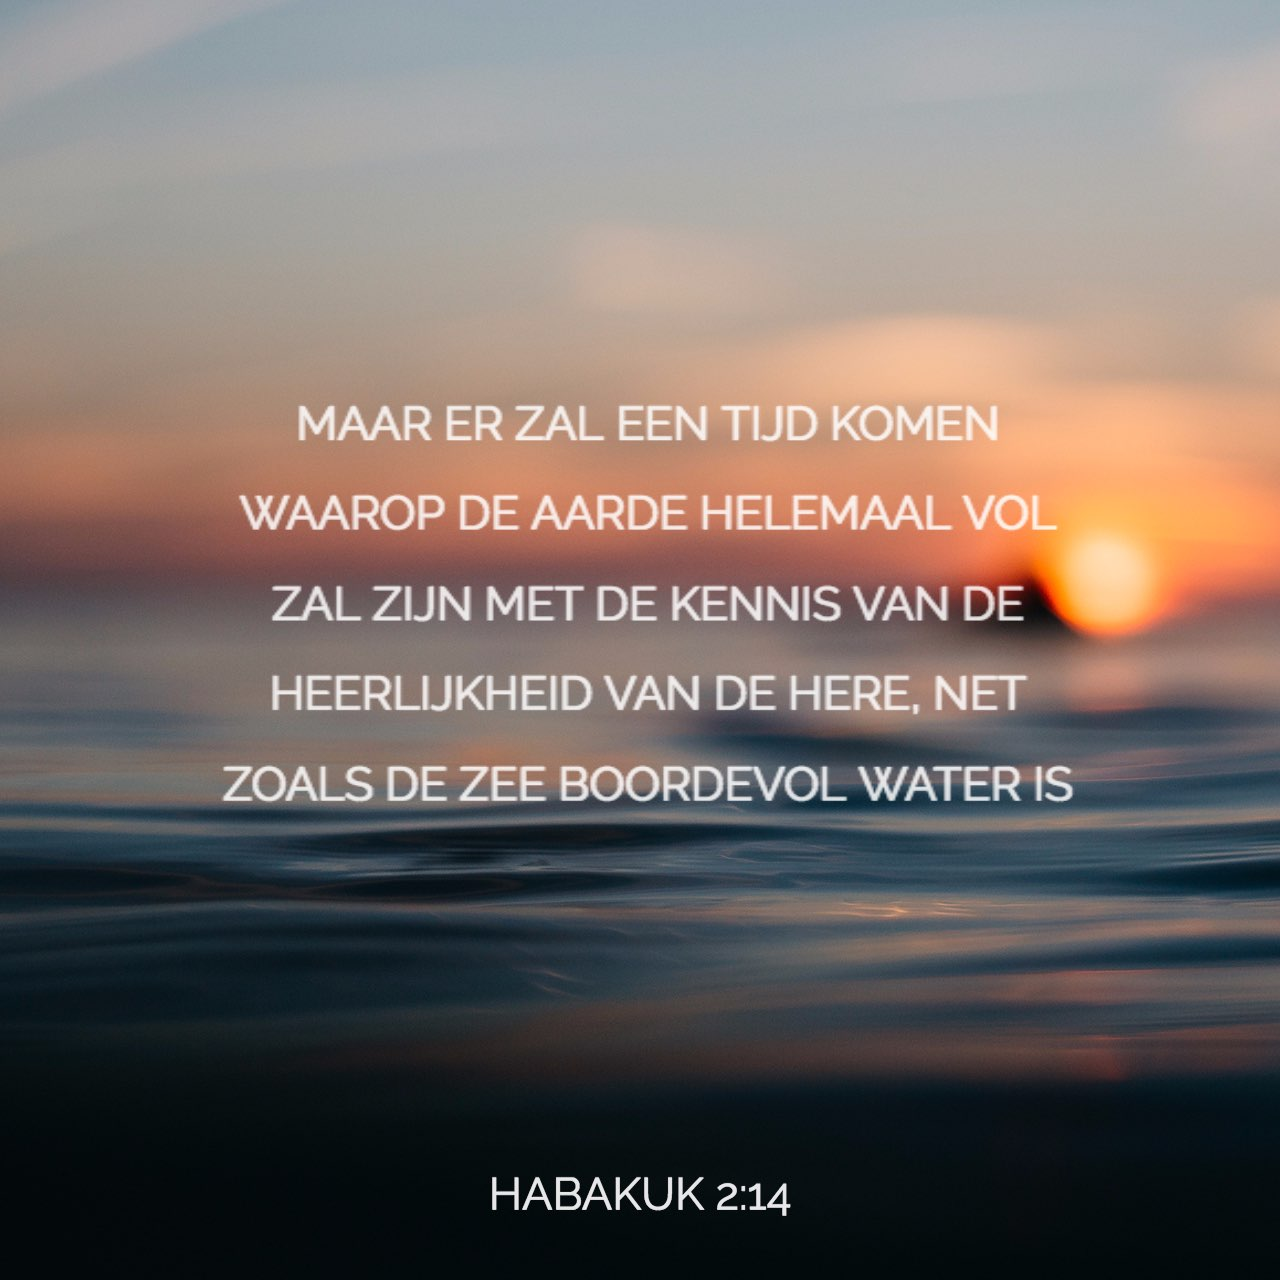 Versafbeelding van Habakkuk 2:14